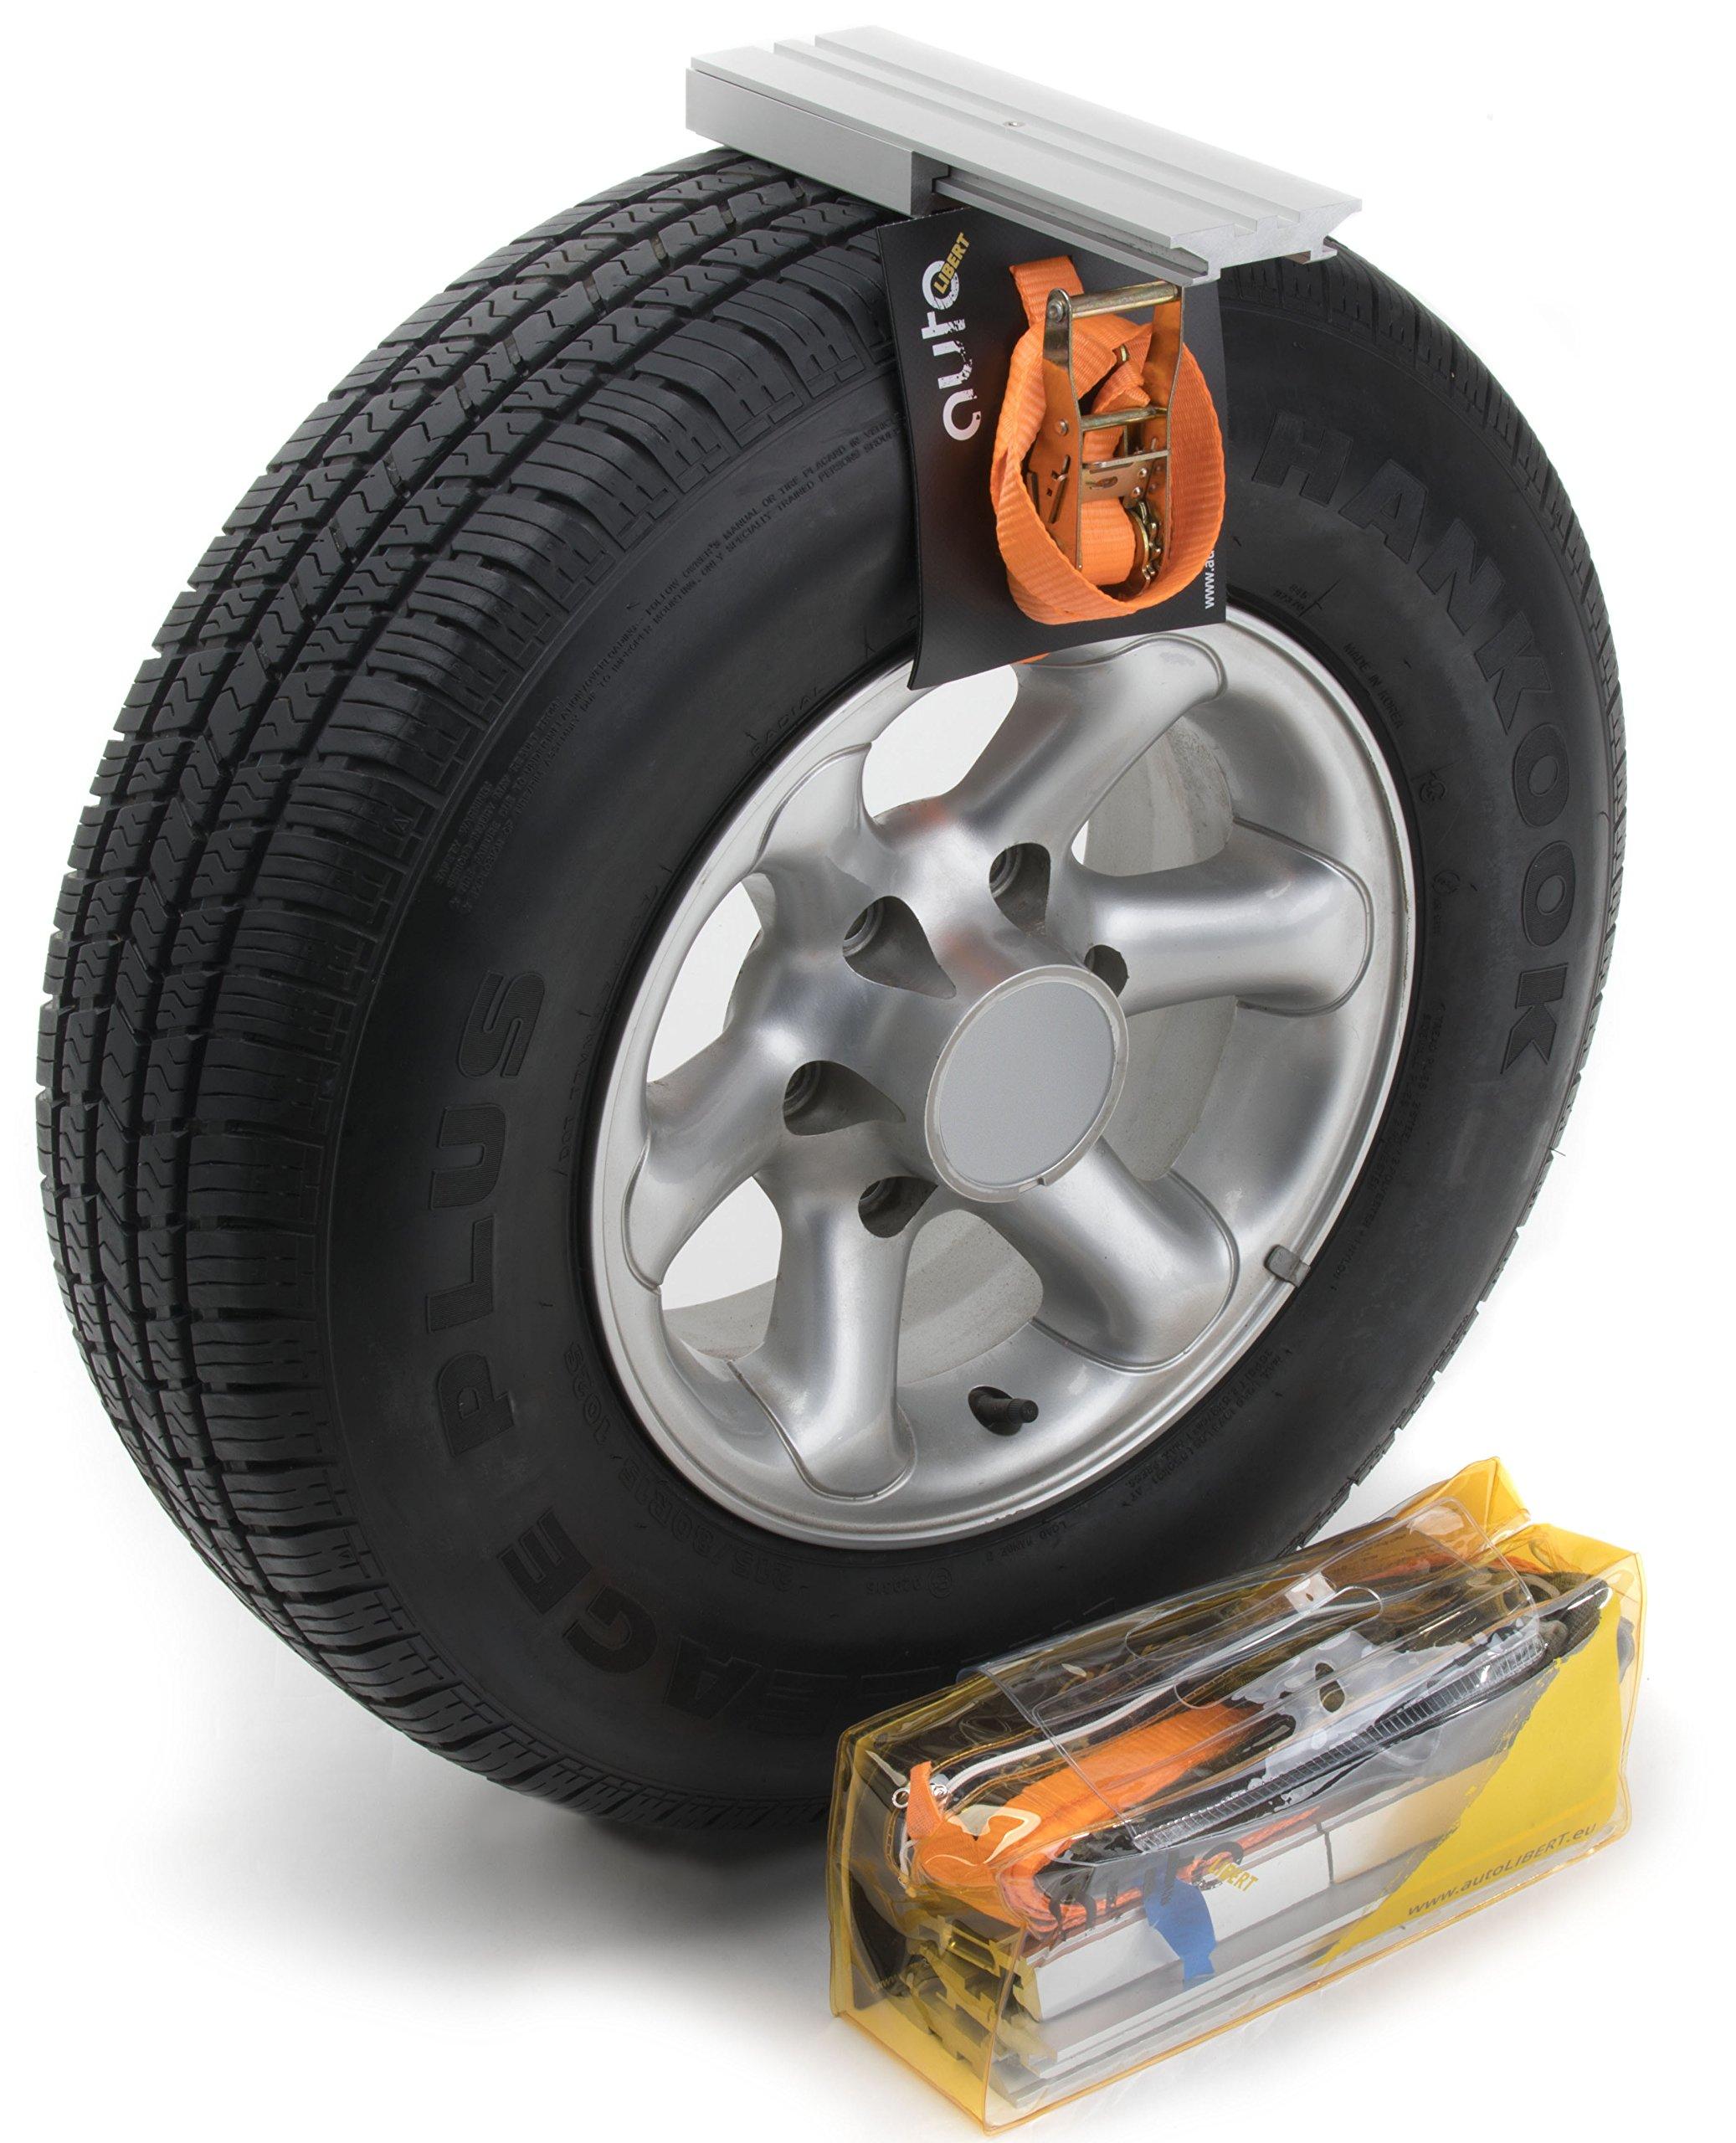 Chaînes antidérapantes pour pneus de SUV, véhicules utilitaires légers, véhicules 4×4. Remplacent les chaînes neige sur le terrain, pour les terrains boueux et sablonneux